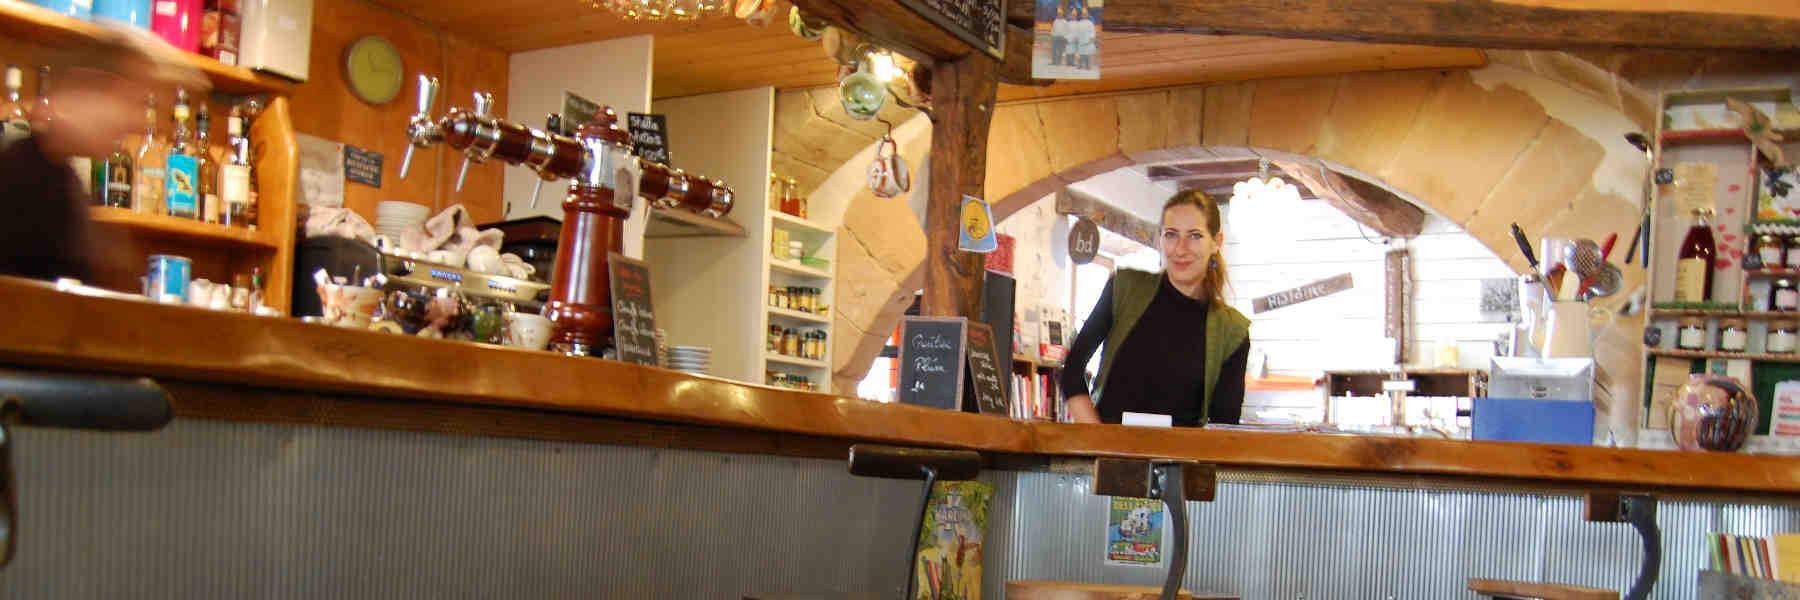 Les initiatives du café Plum à Lautrec